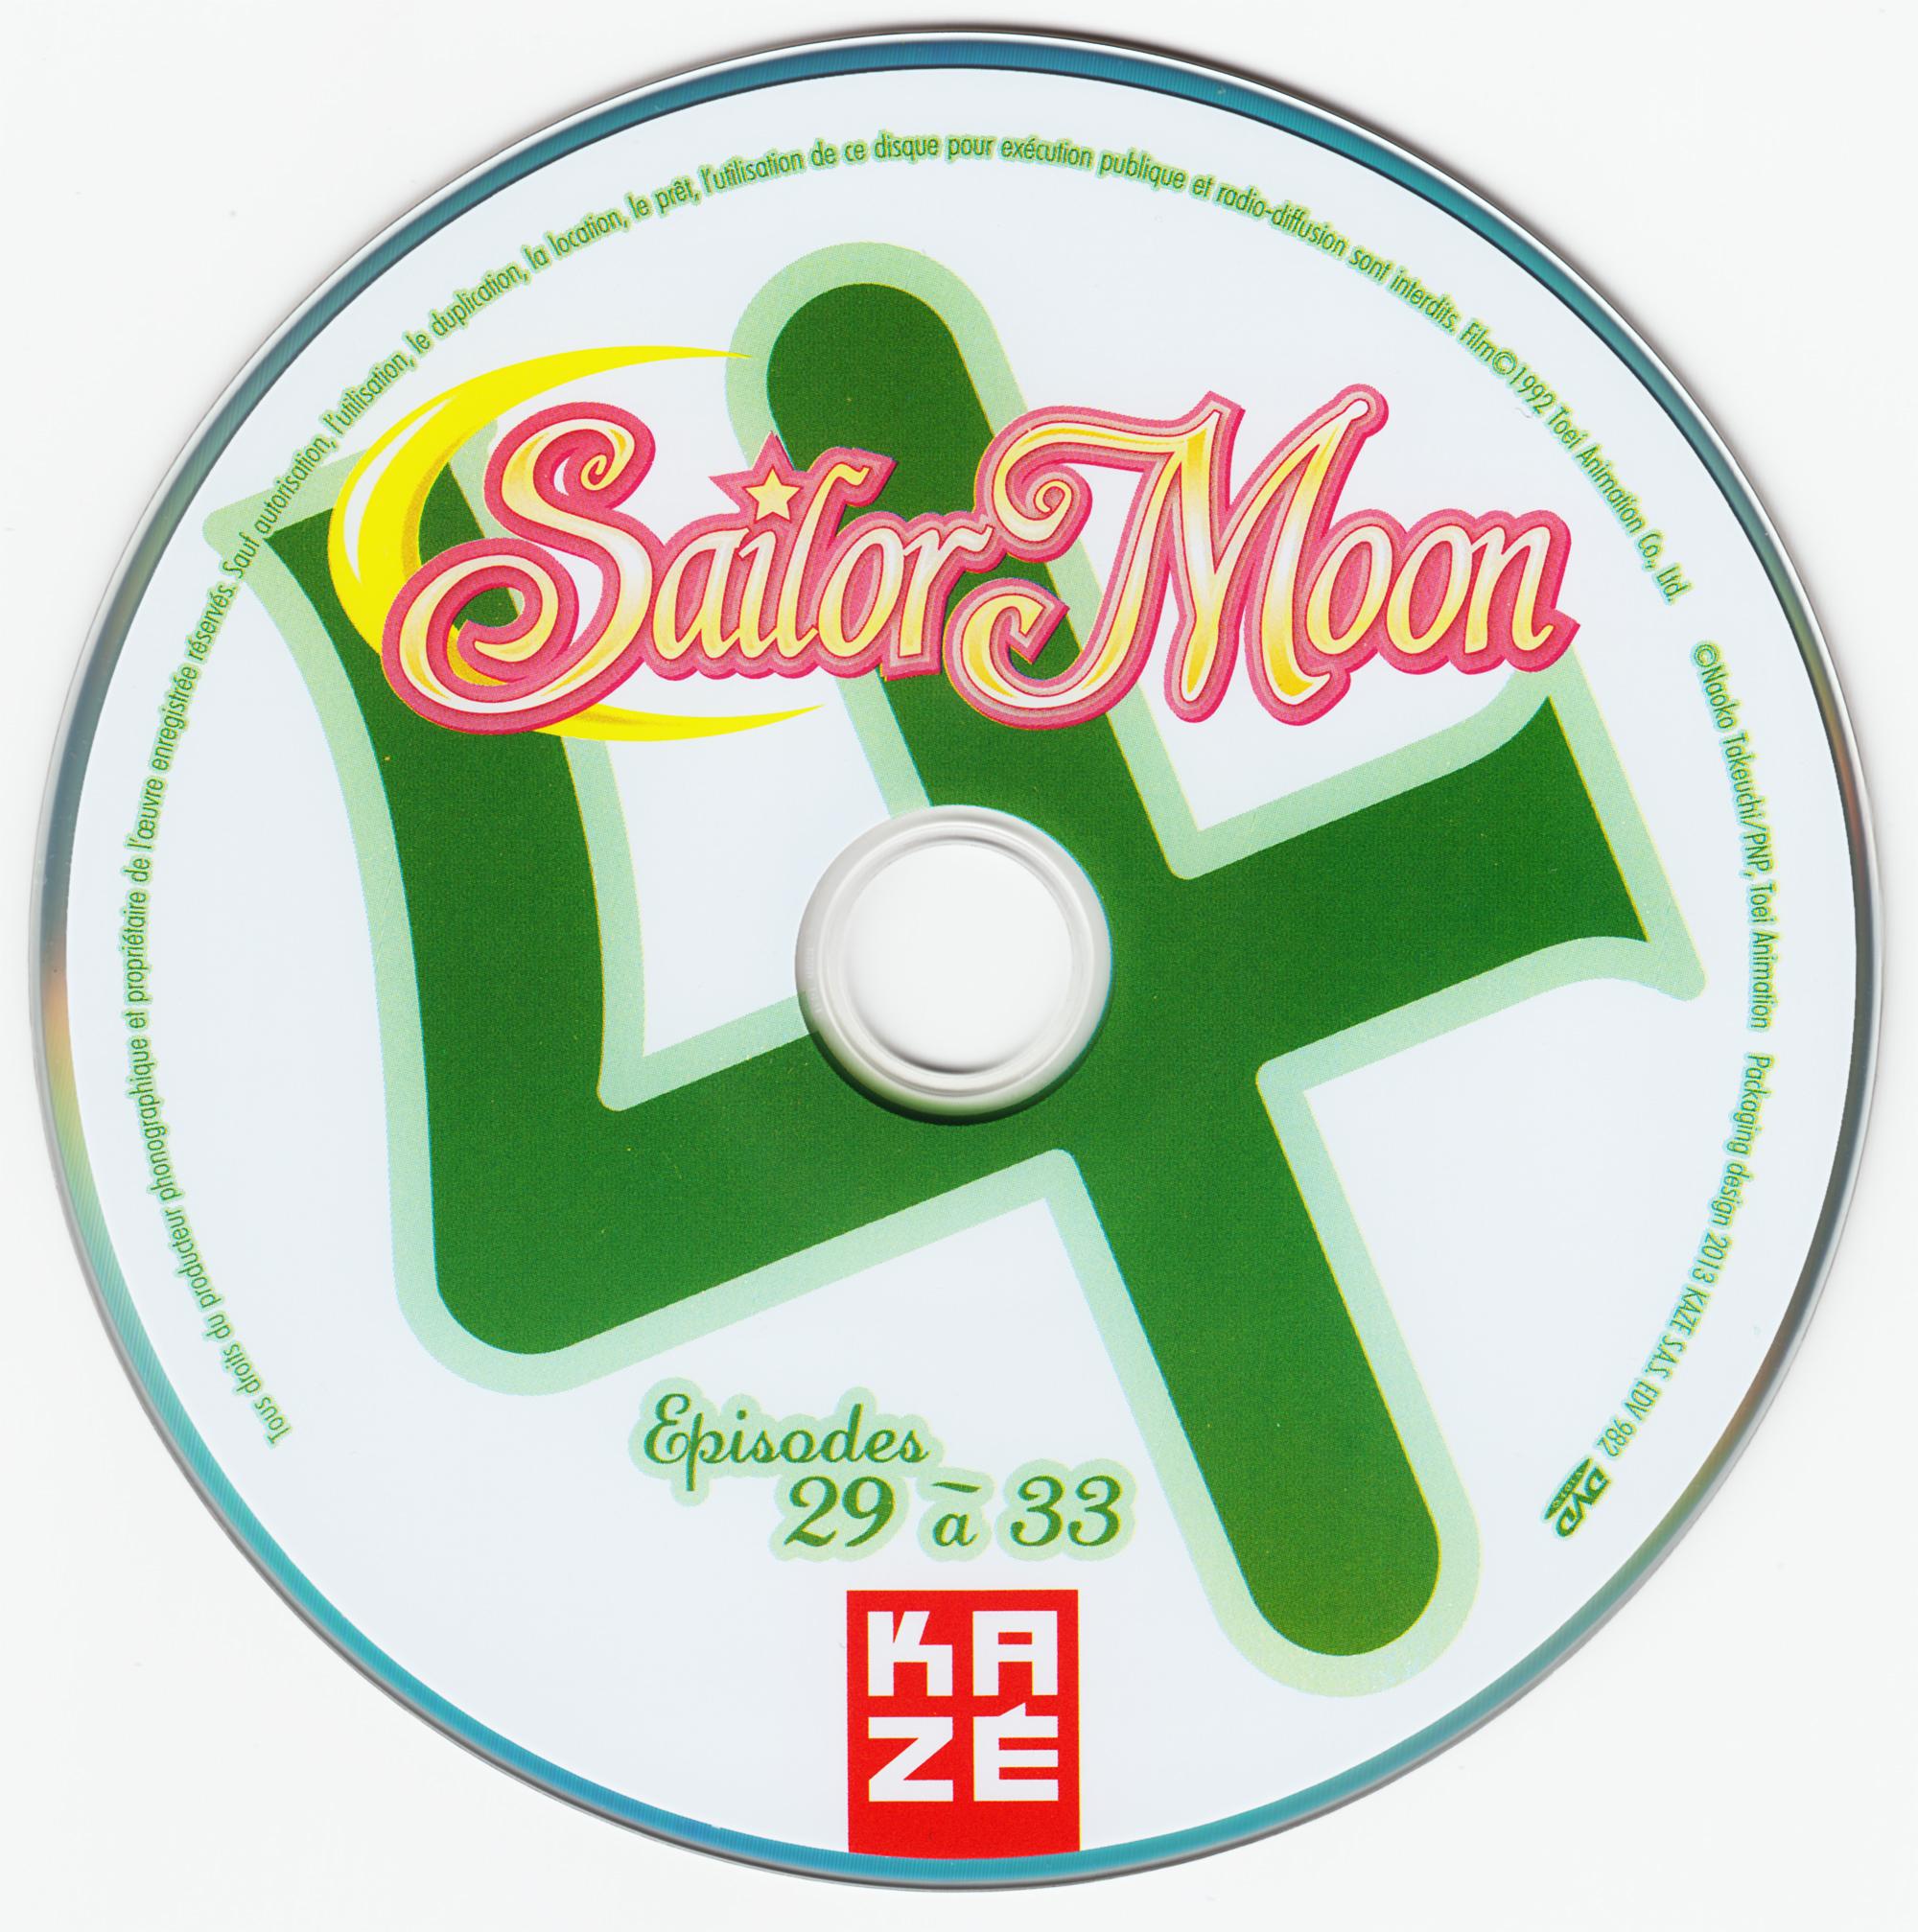 Sailor-moon-french-dvd-boxset-21